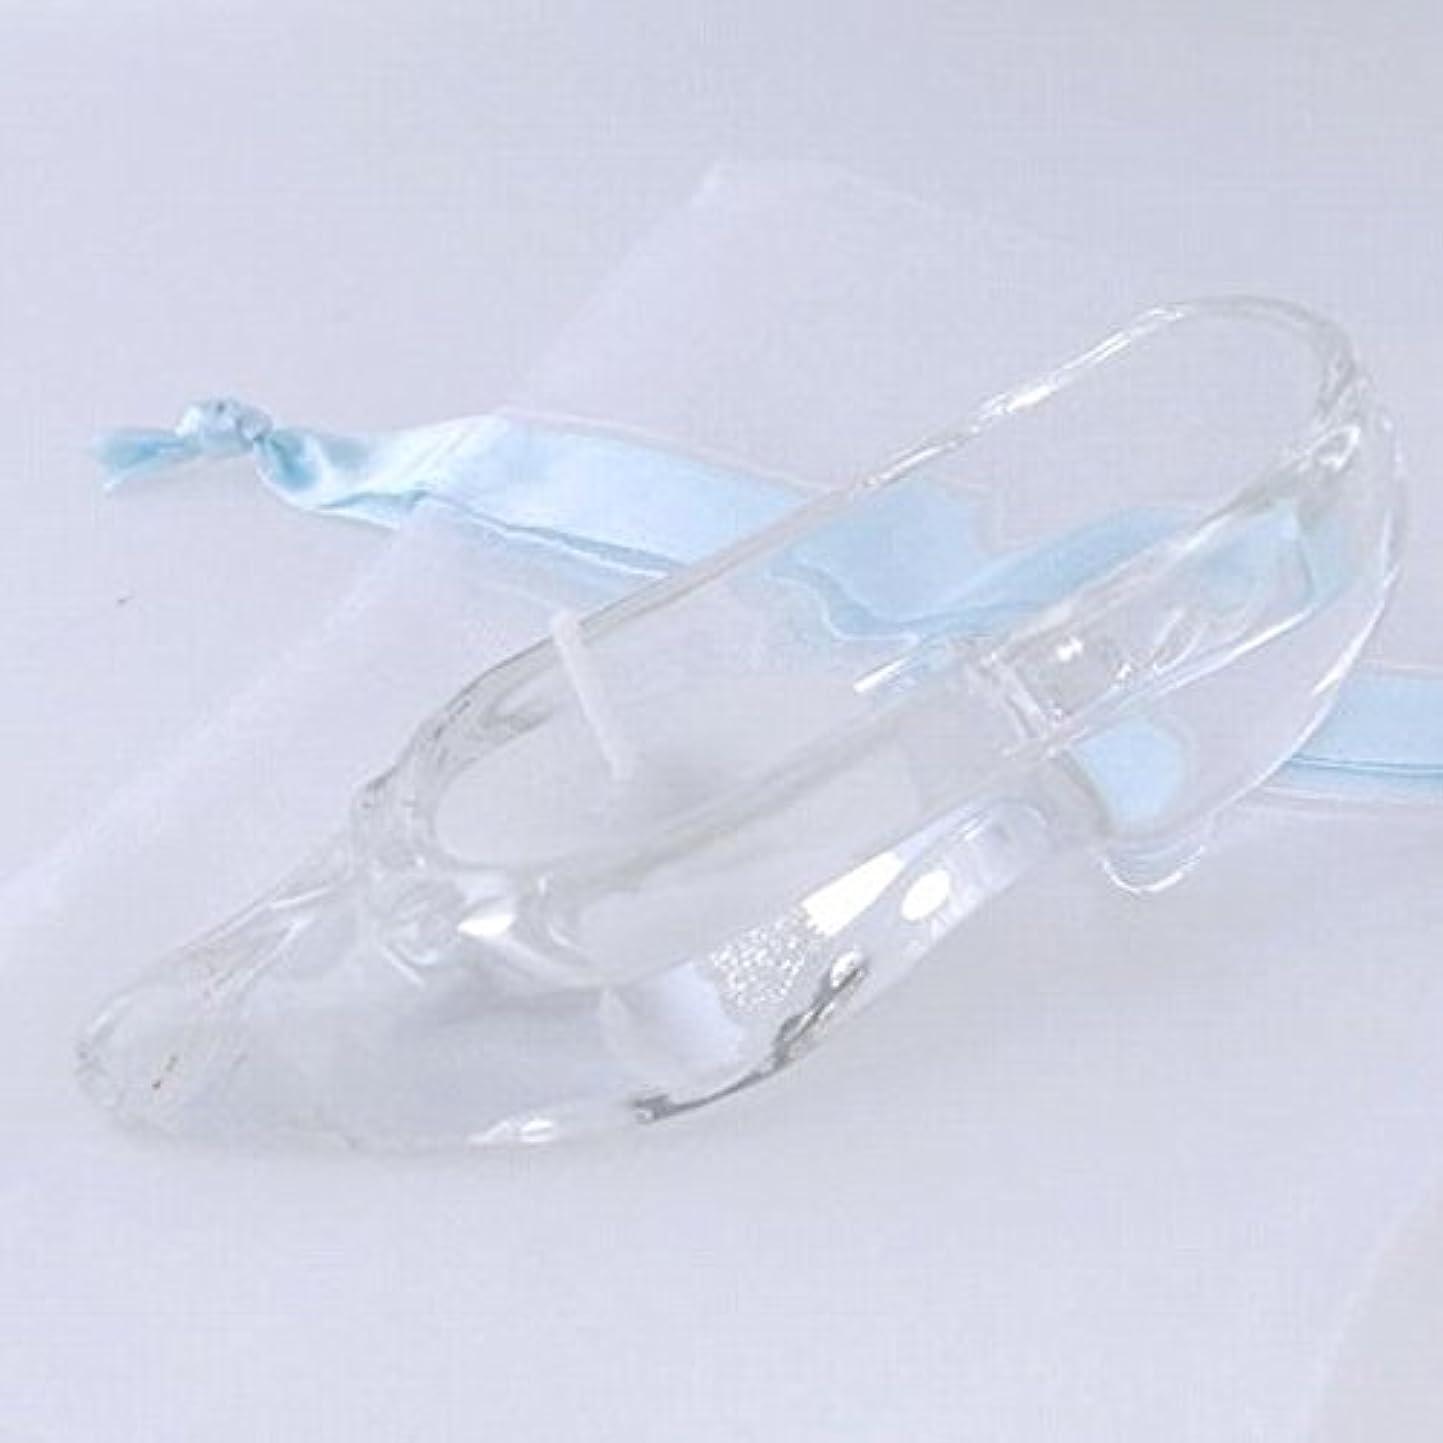 謝る意欲突破口kameyama candle(カメヤマキャンドル) ガラスの靴 「ホワイト」(A9510050W)